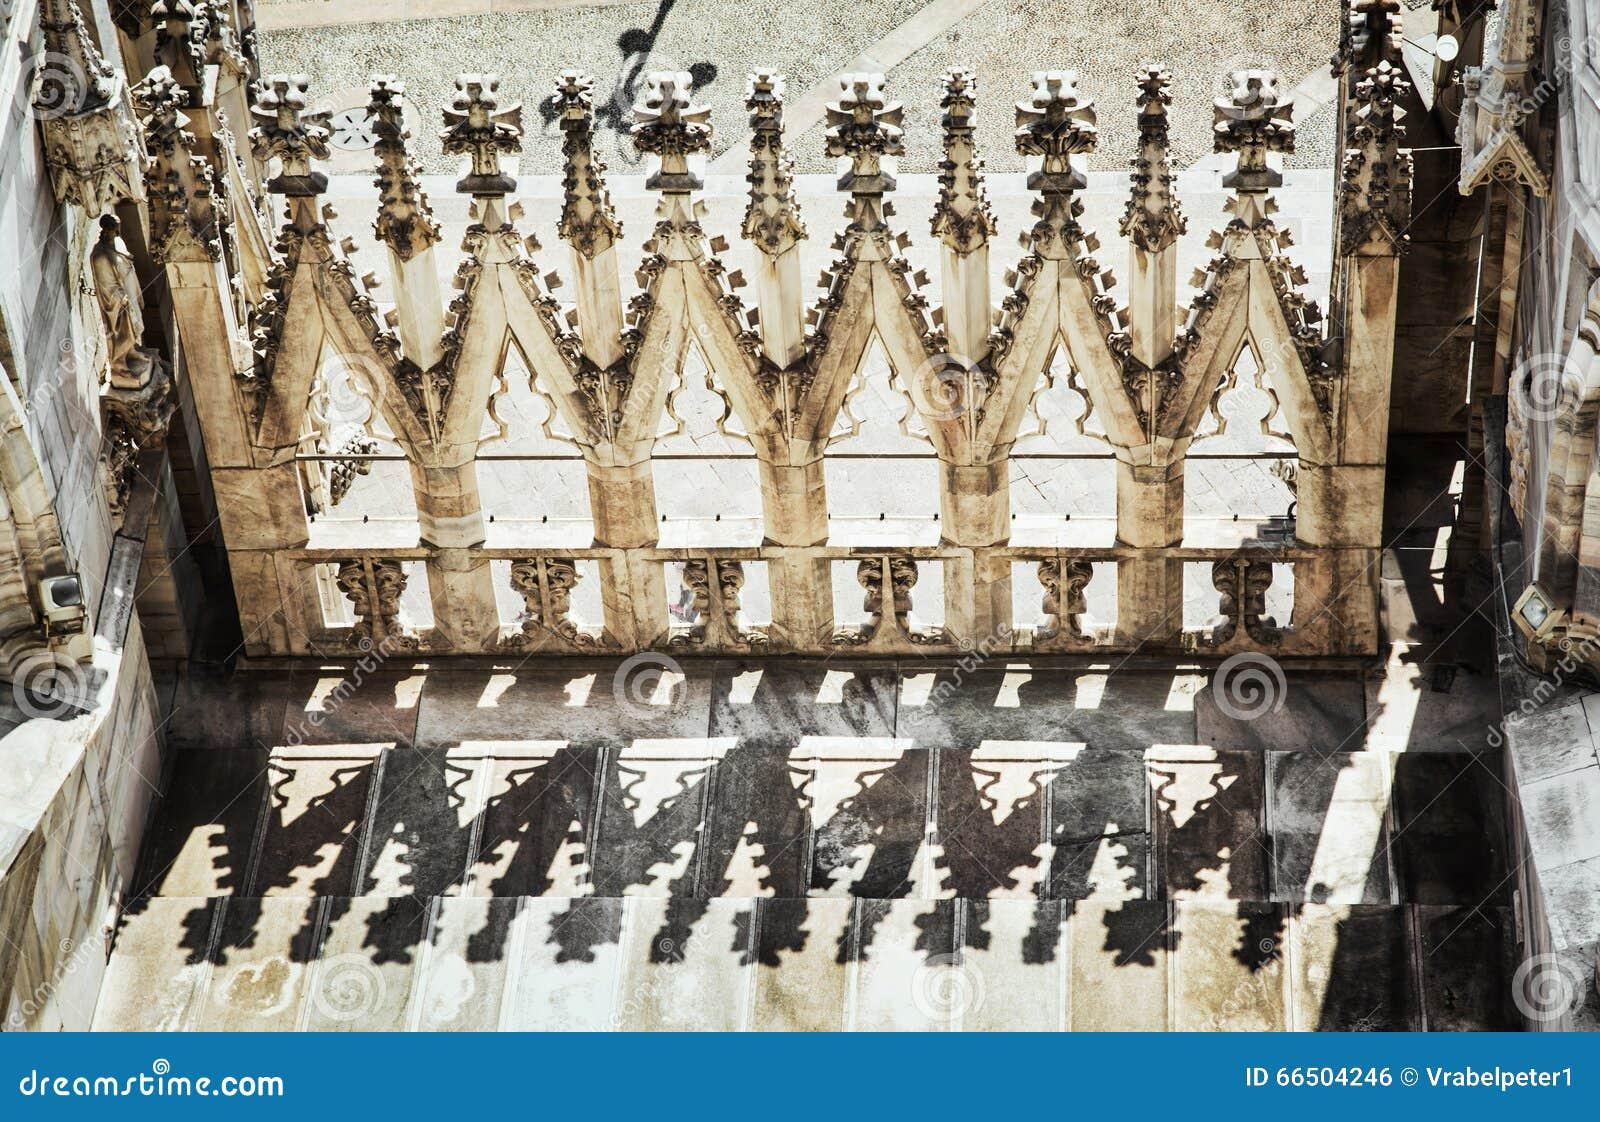 Wyszczególnia fotografię Mediolańska katedra, Włochy, archit (Duomo di Milano)